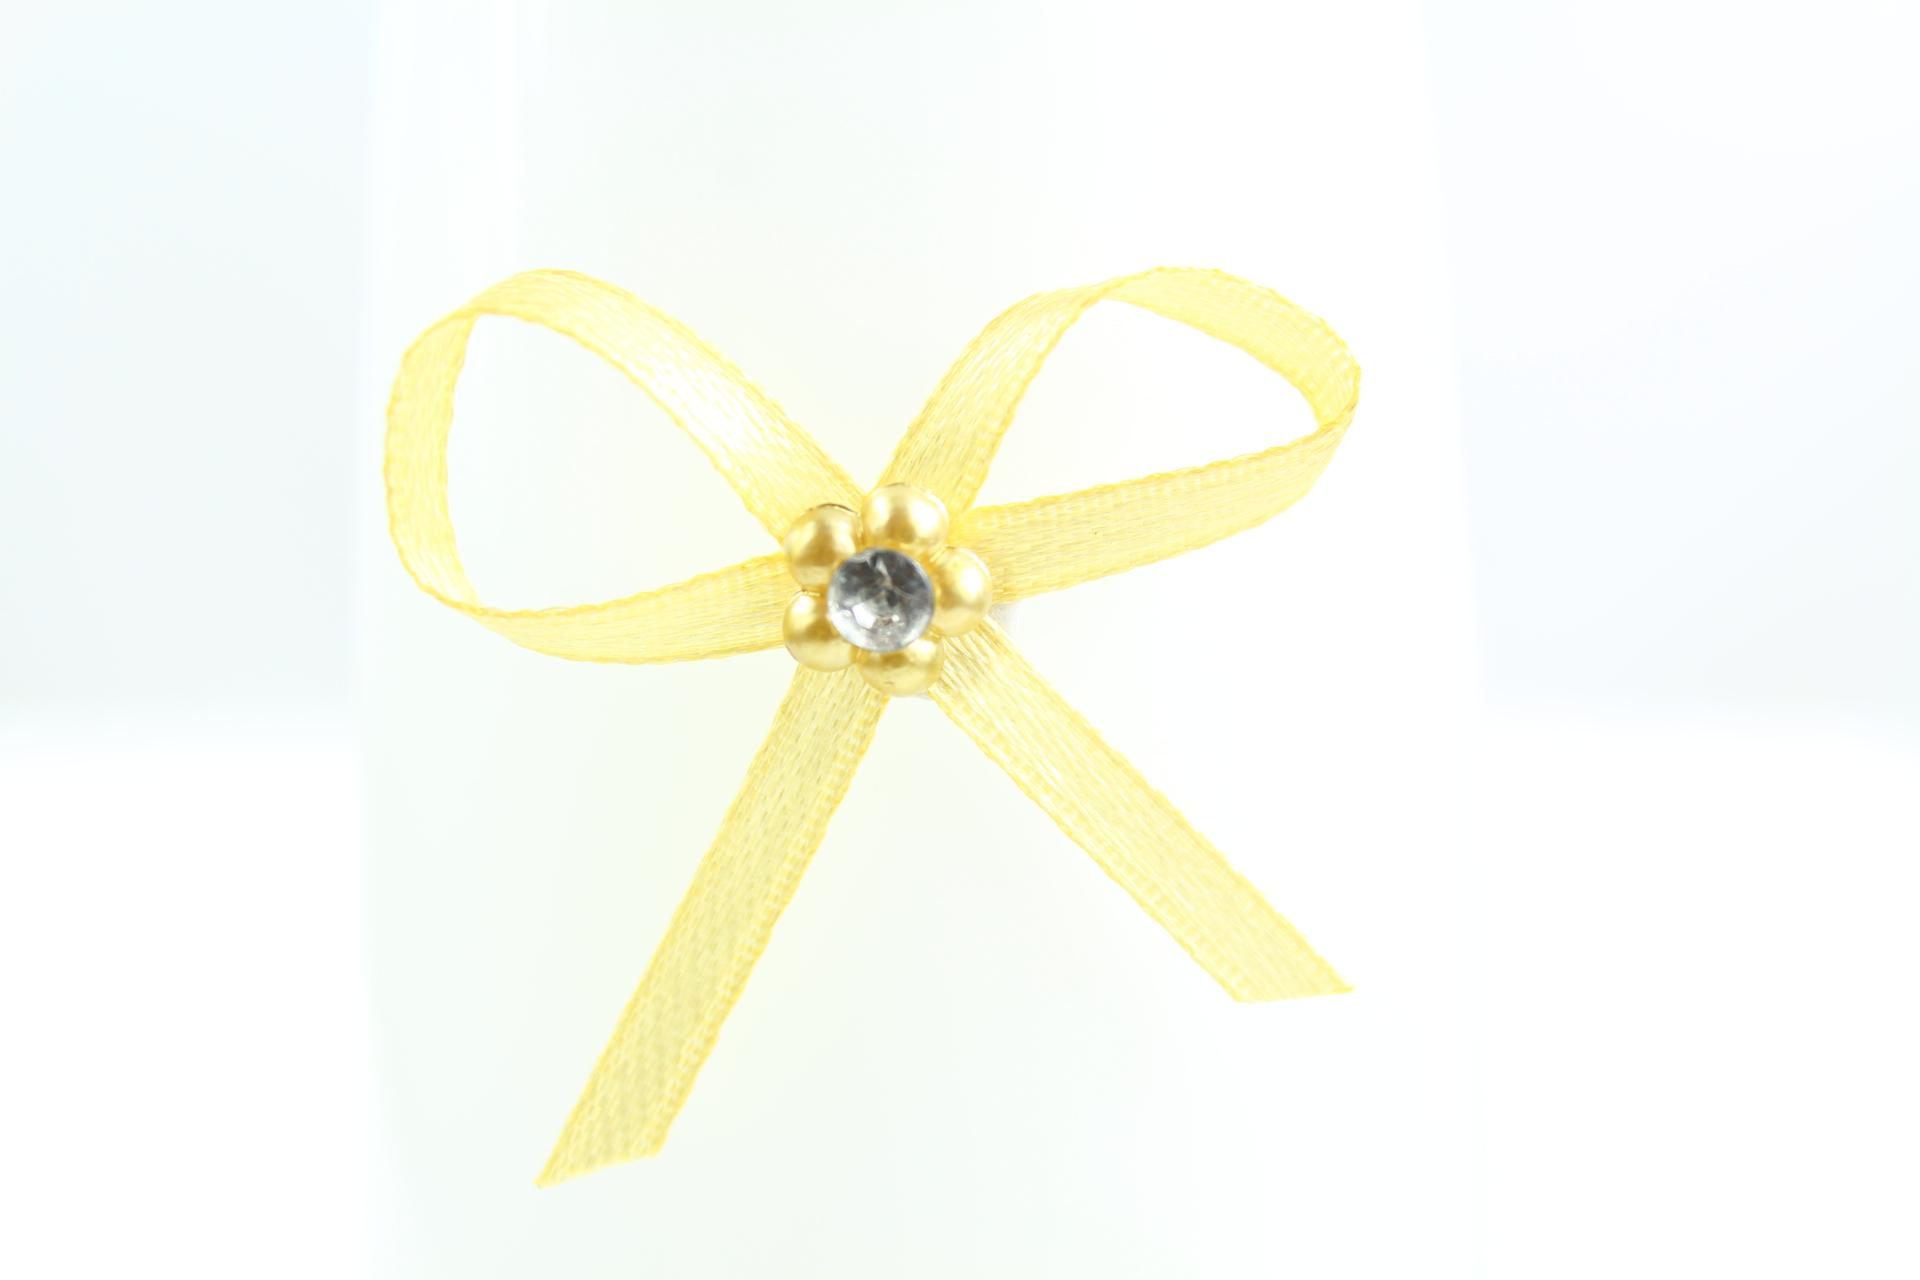 4cm Adhesive Diamanté Daisy Bow